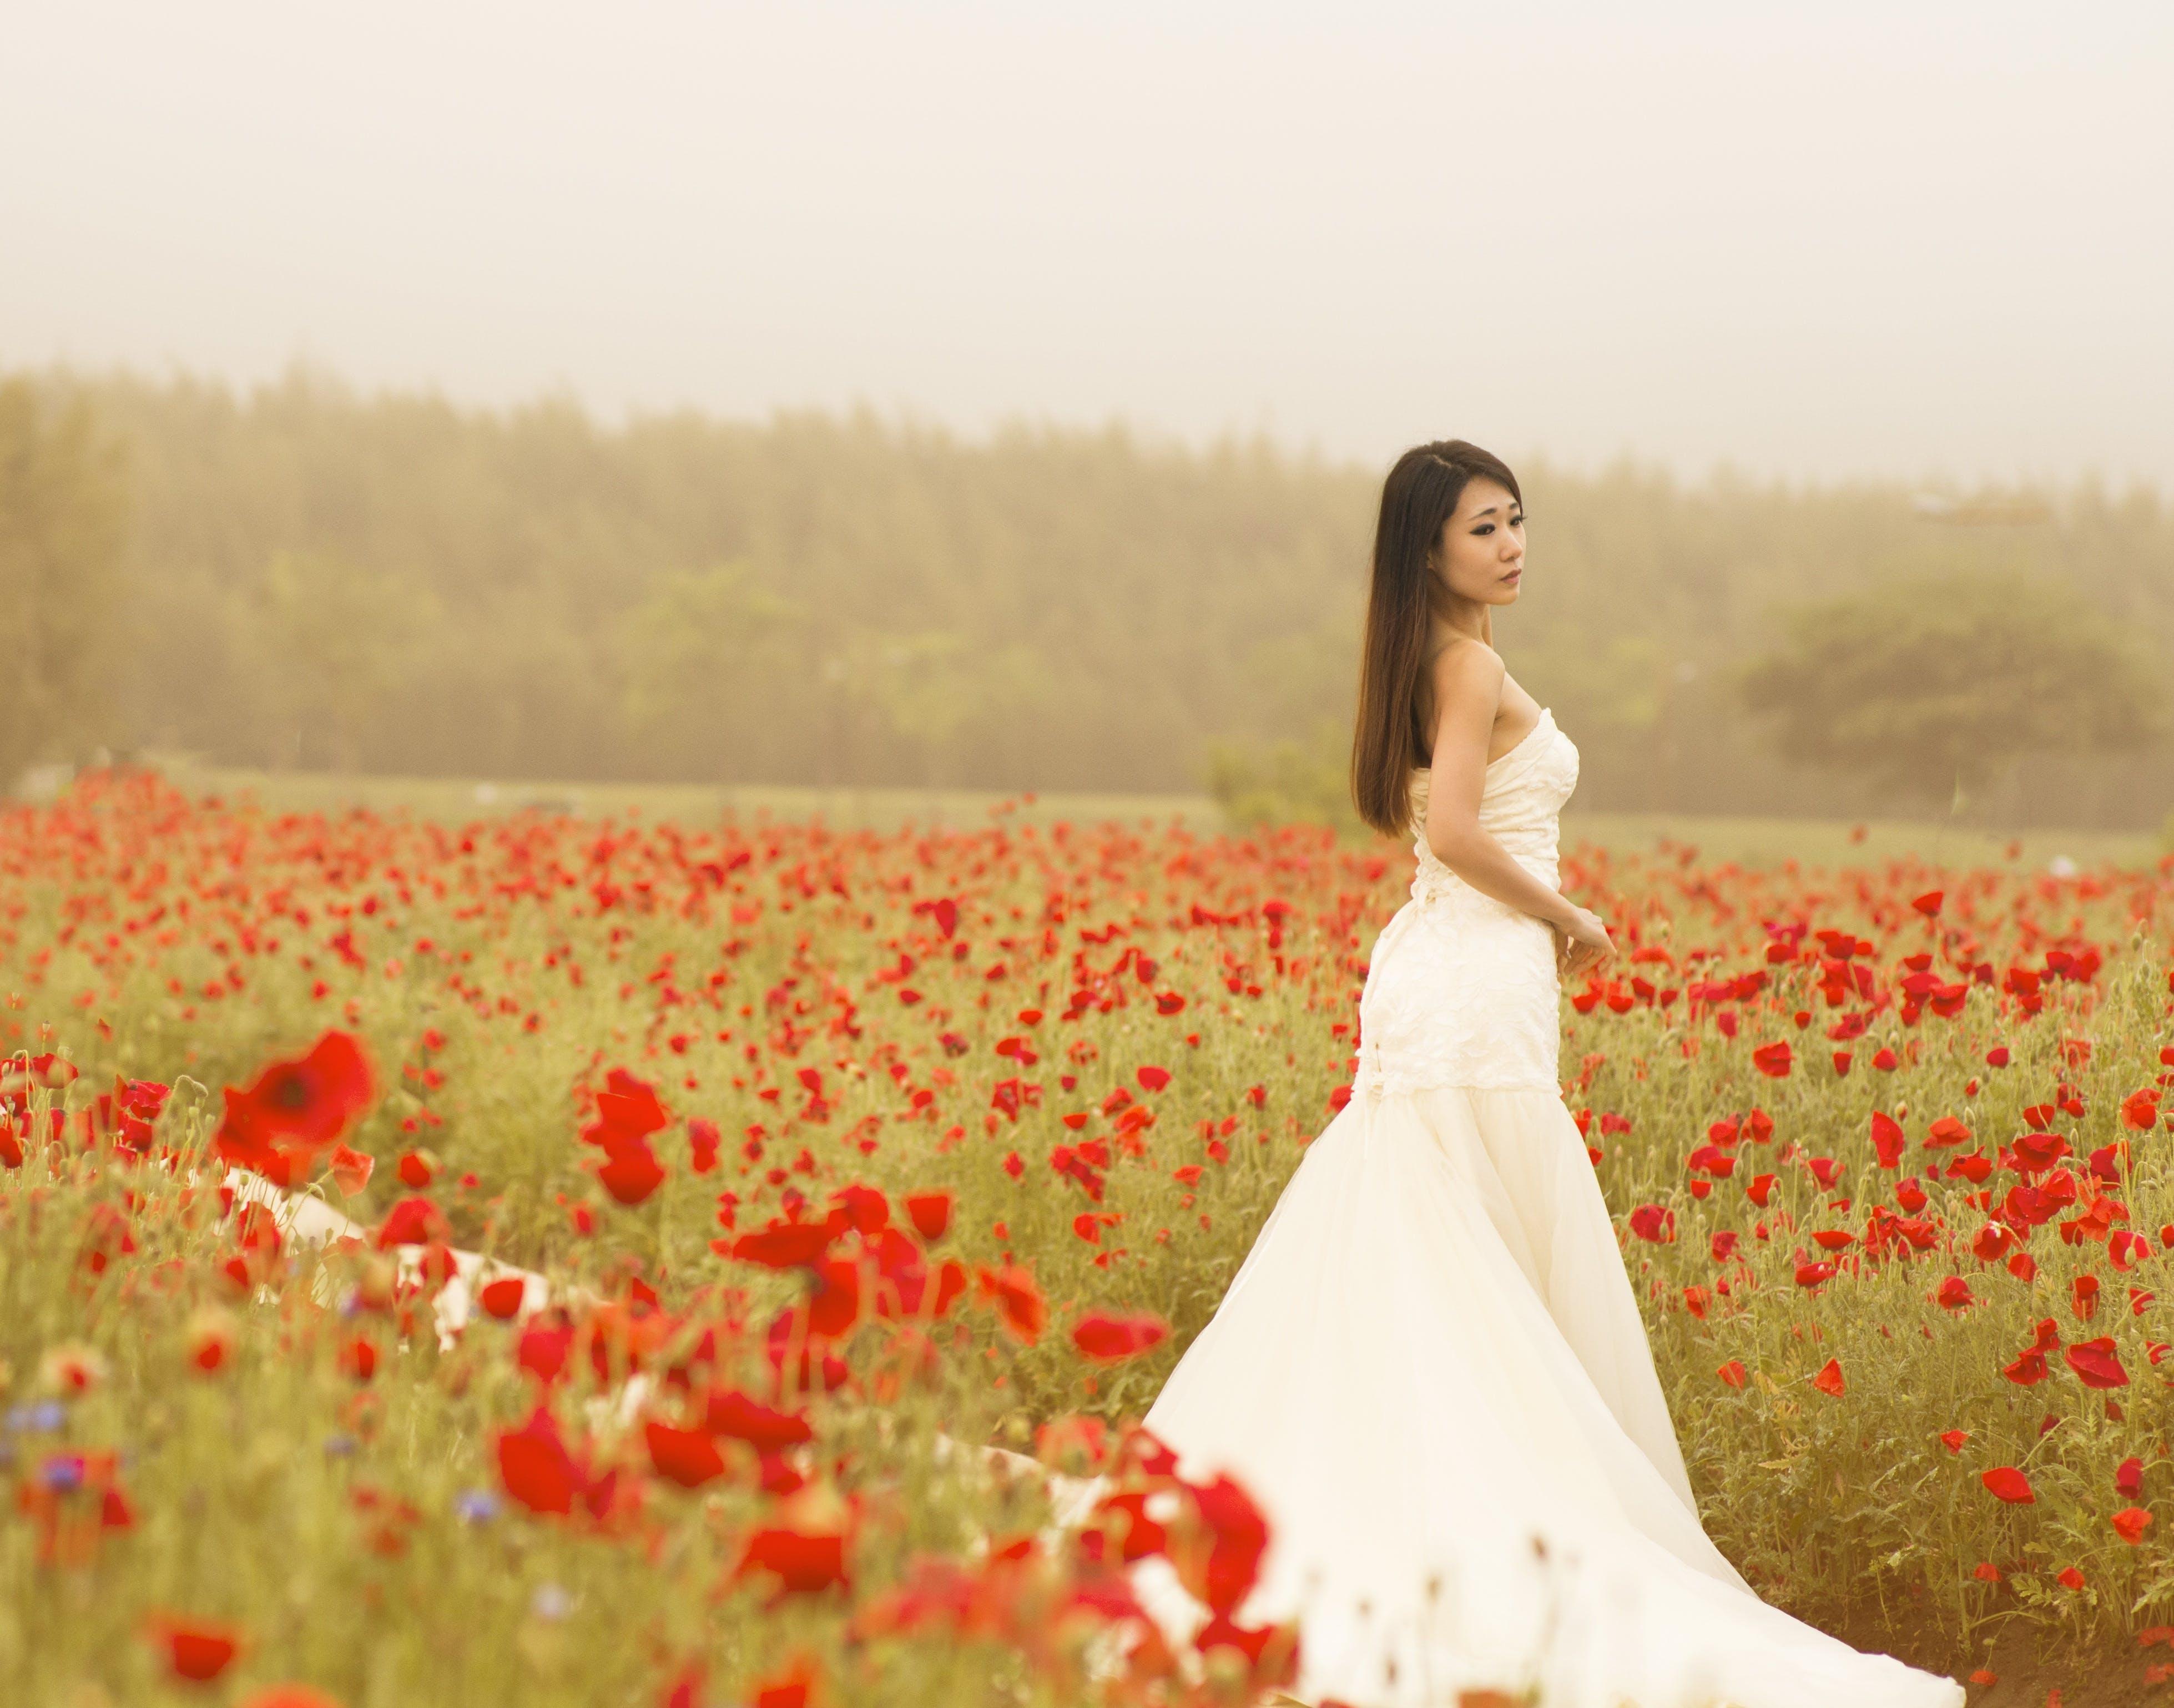 Woman in White Dress in Flower Field